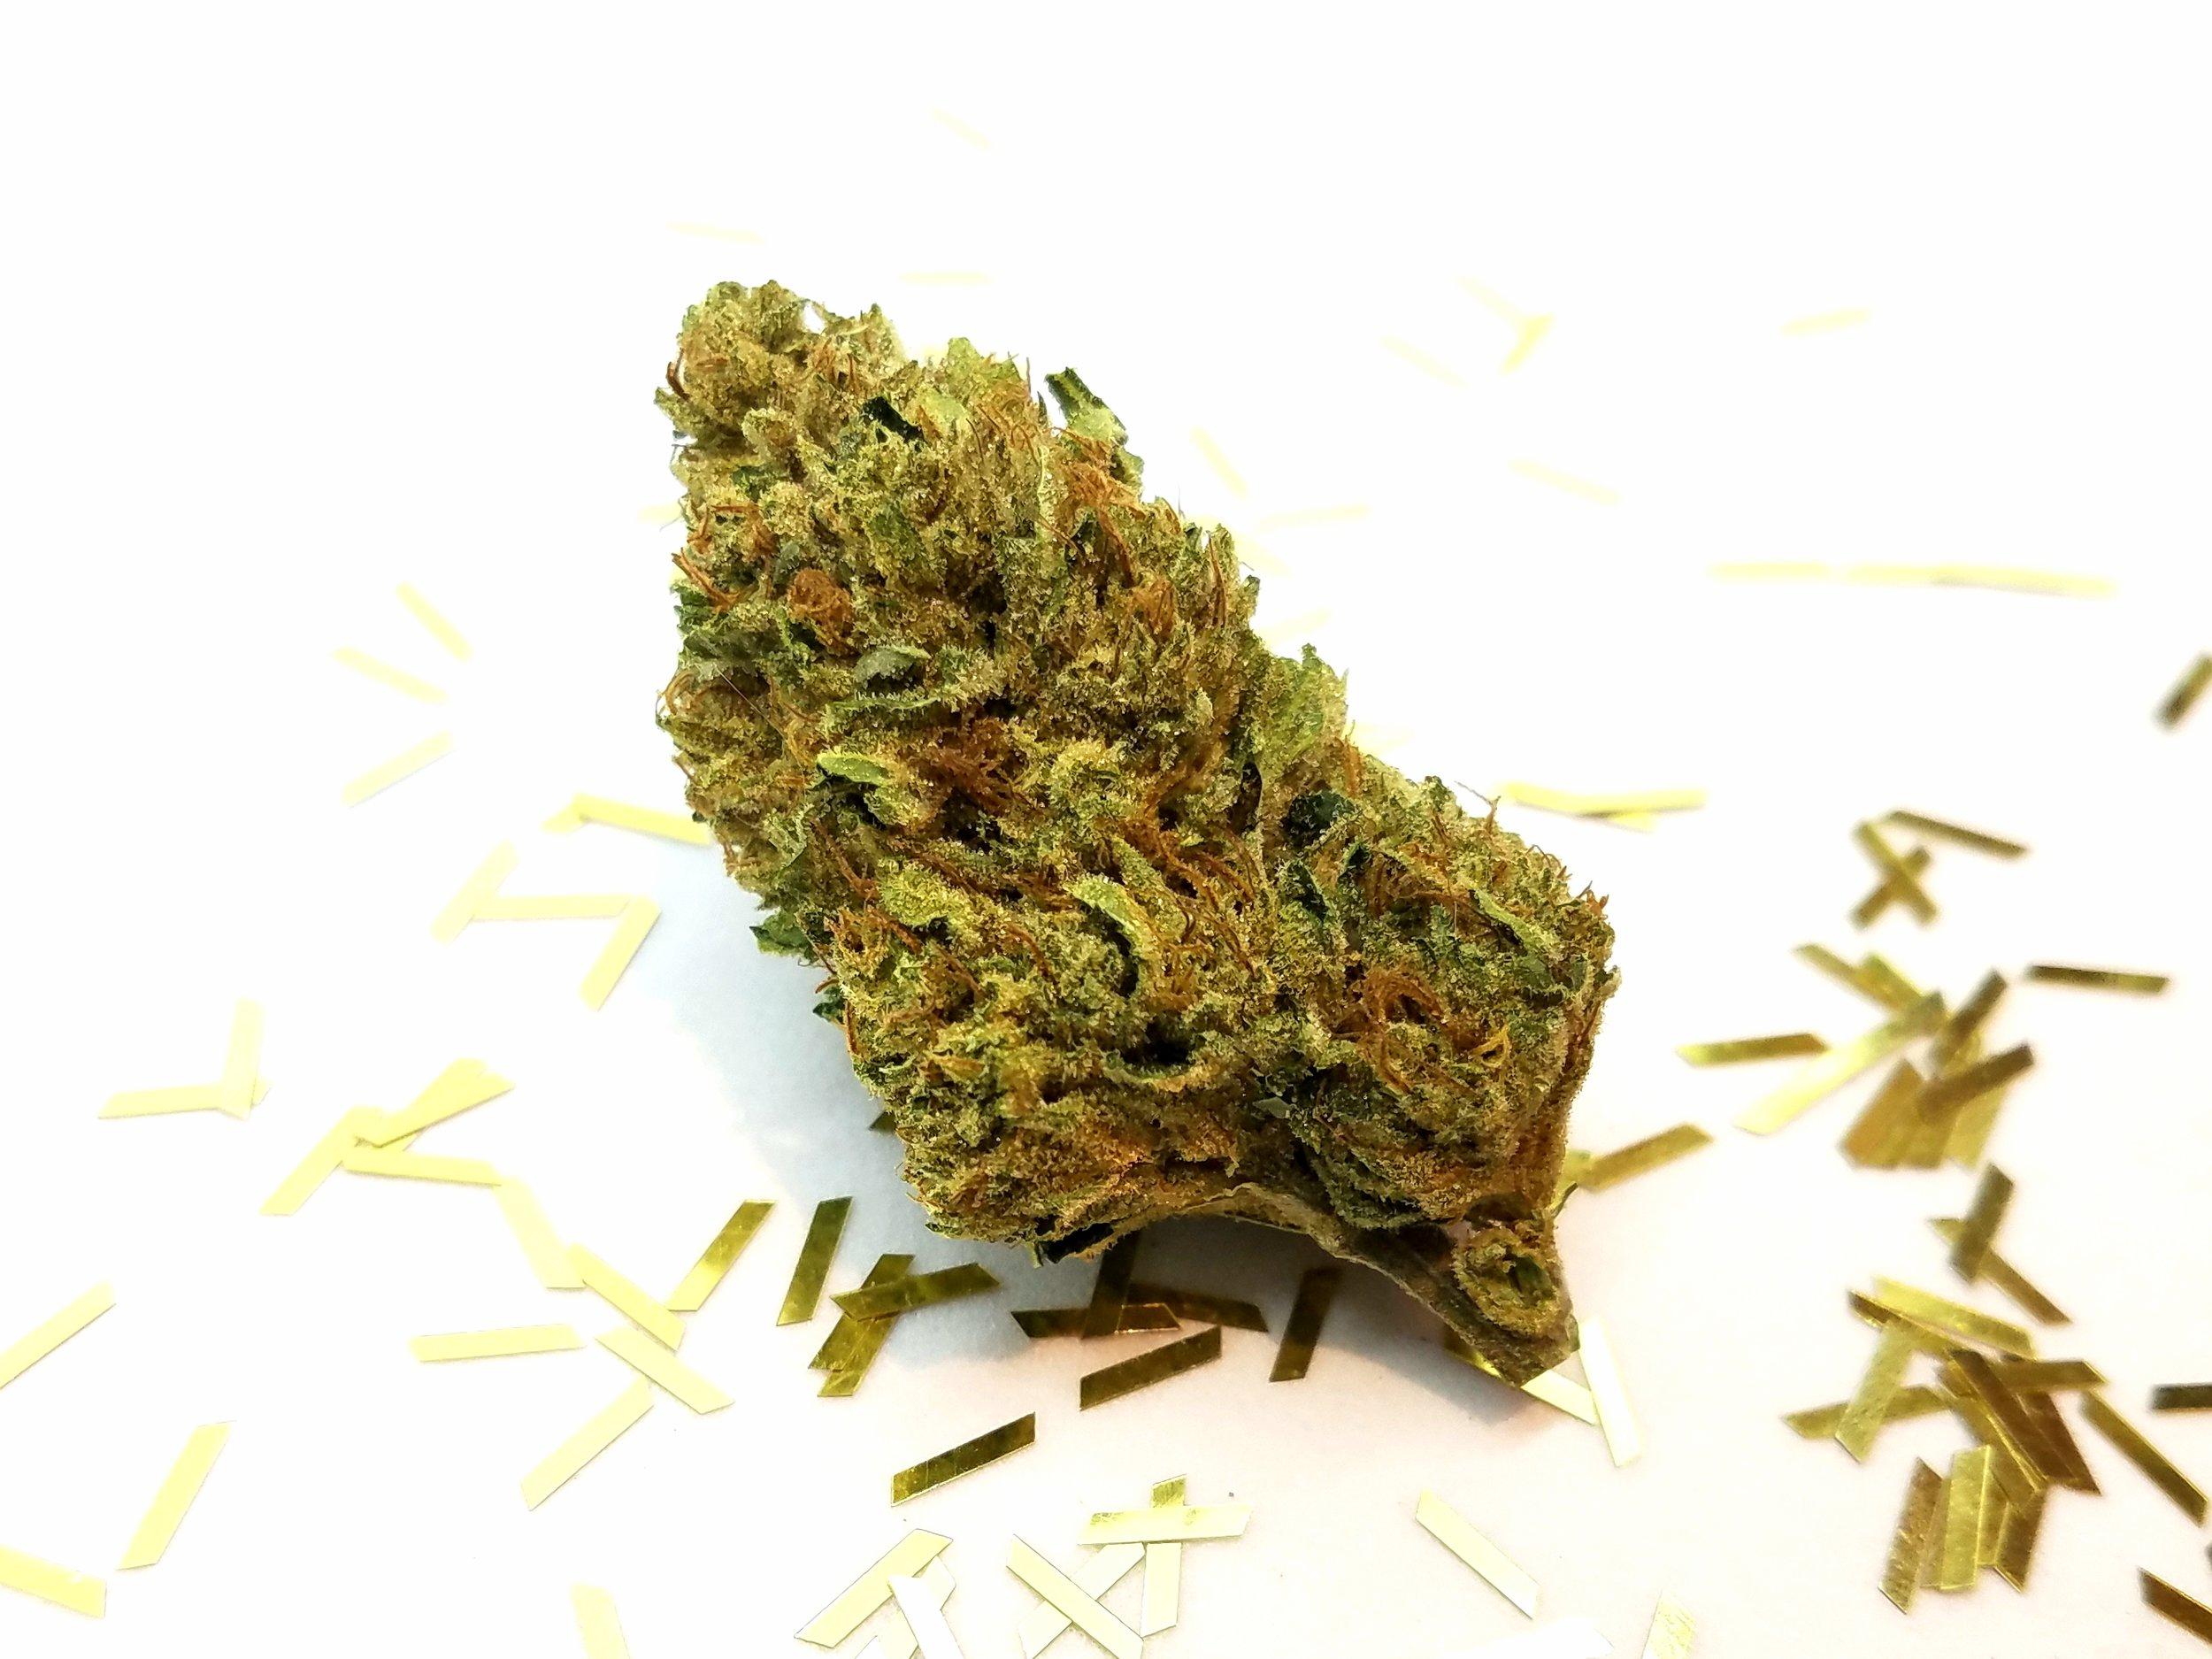 Golden Lemons grown by Cascade Valley Cannabis